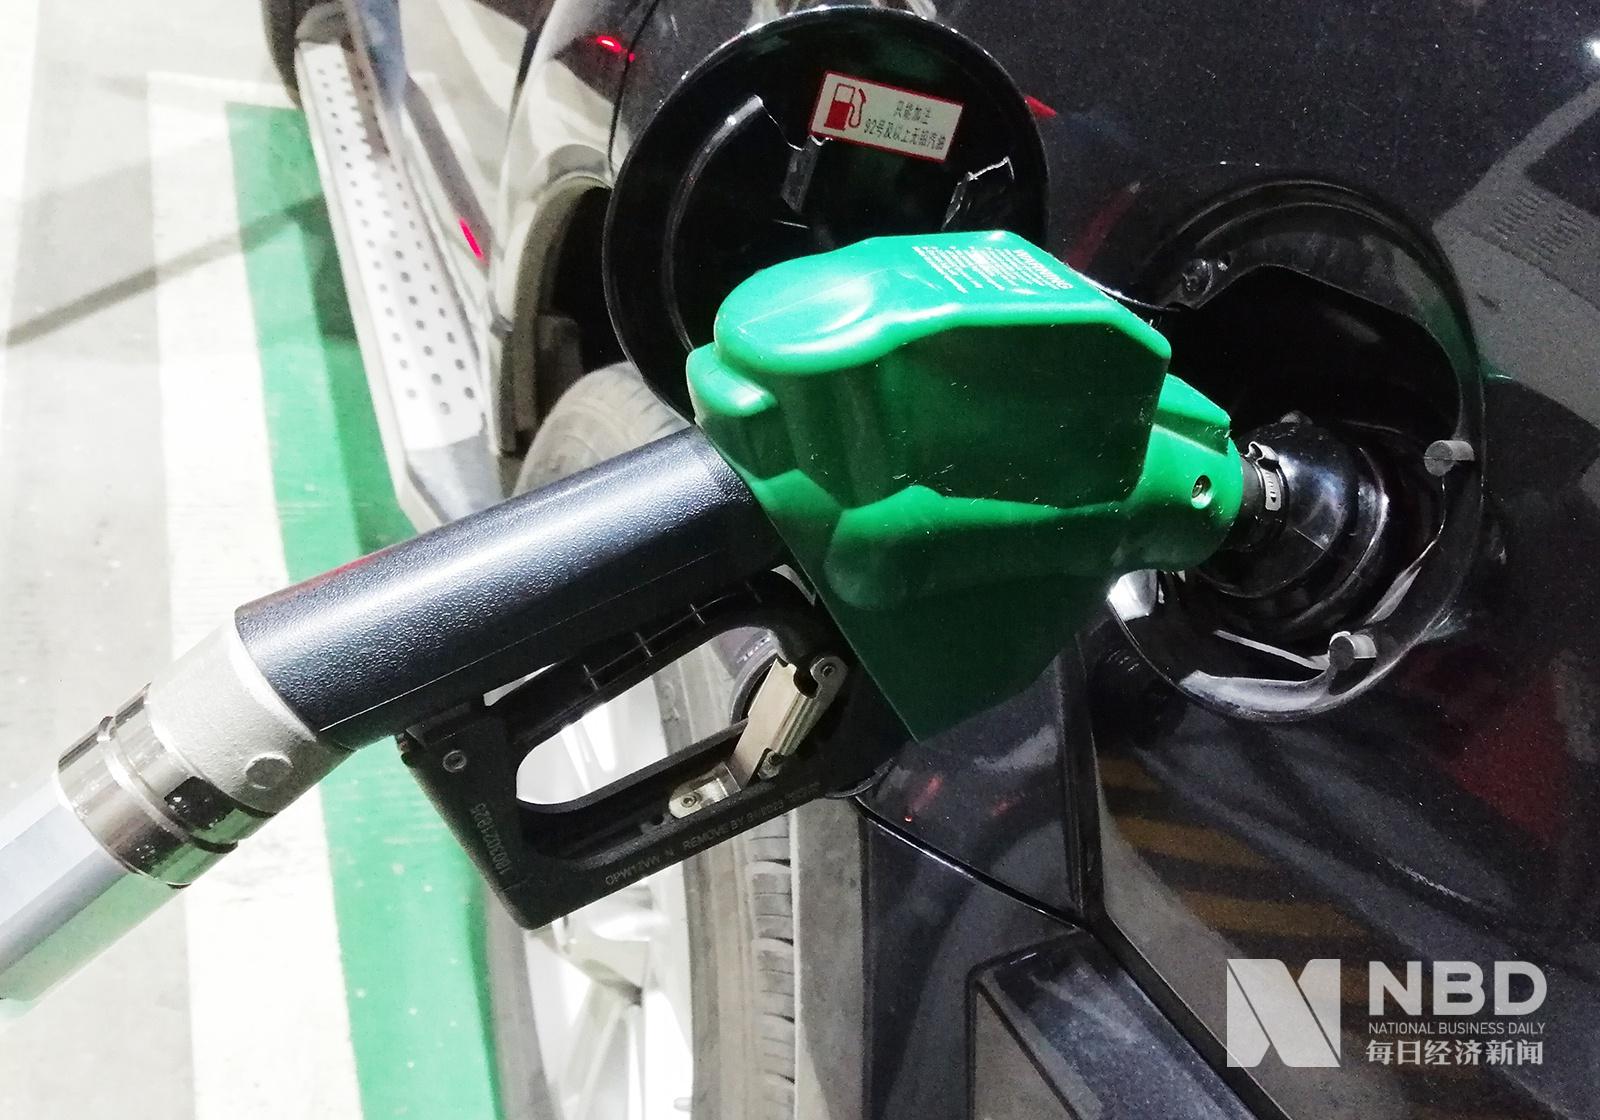 汽、柴油价格不作调整  国内油价年内第十次搁浅